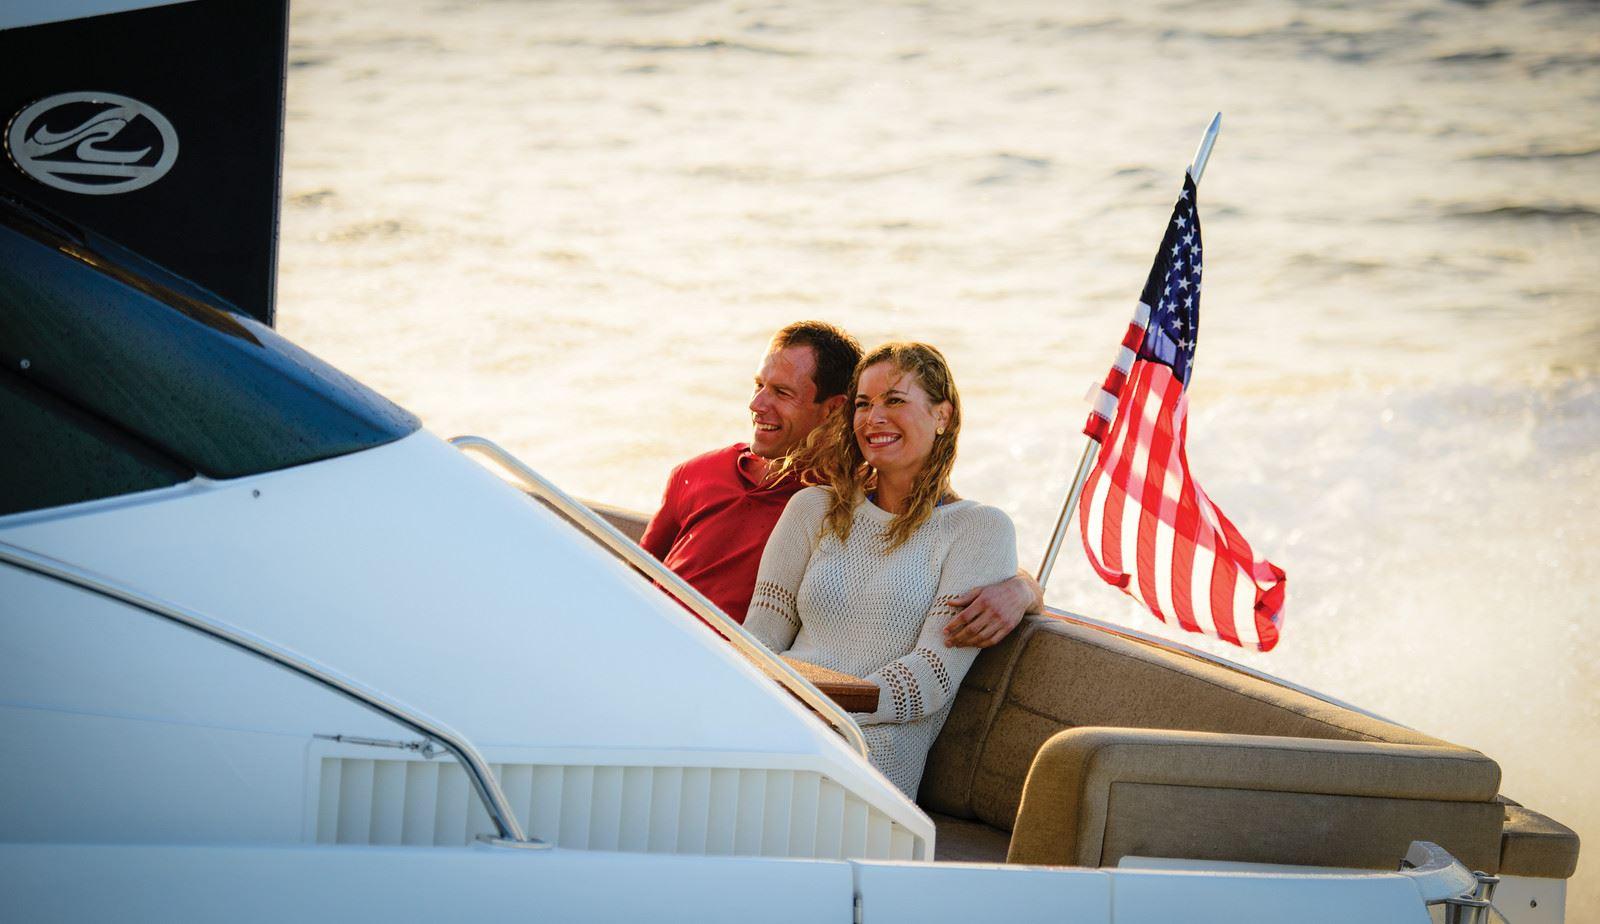 sea-ray-couple-w-flag.jpg